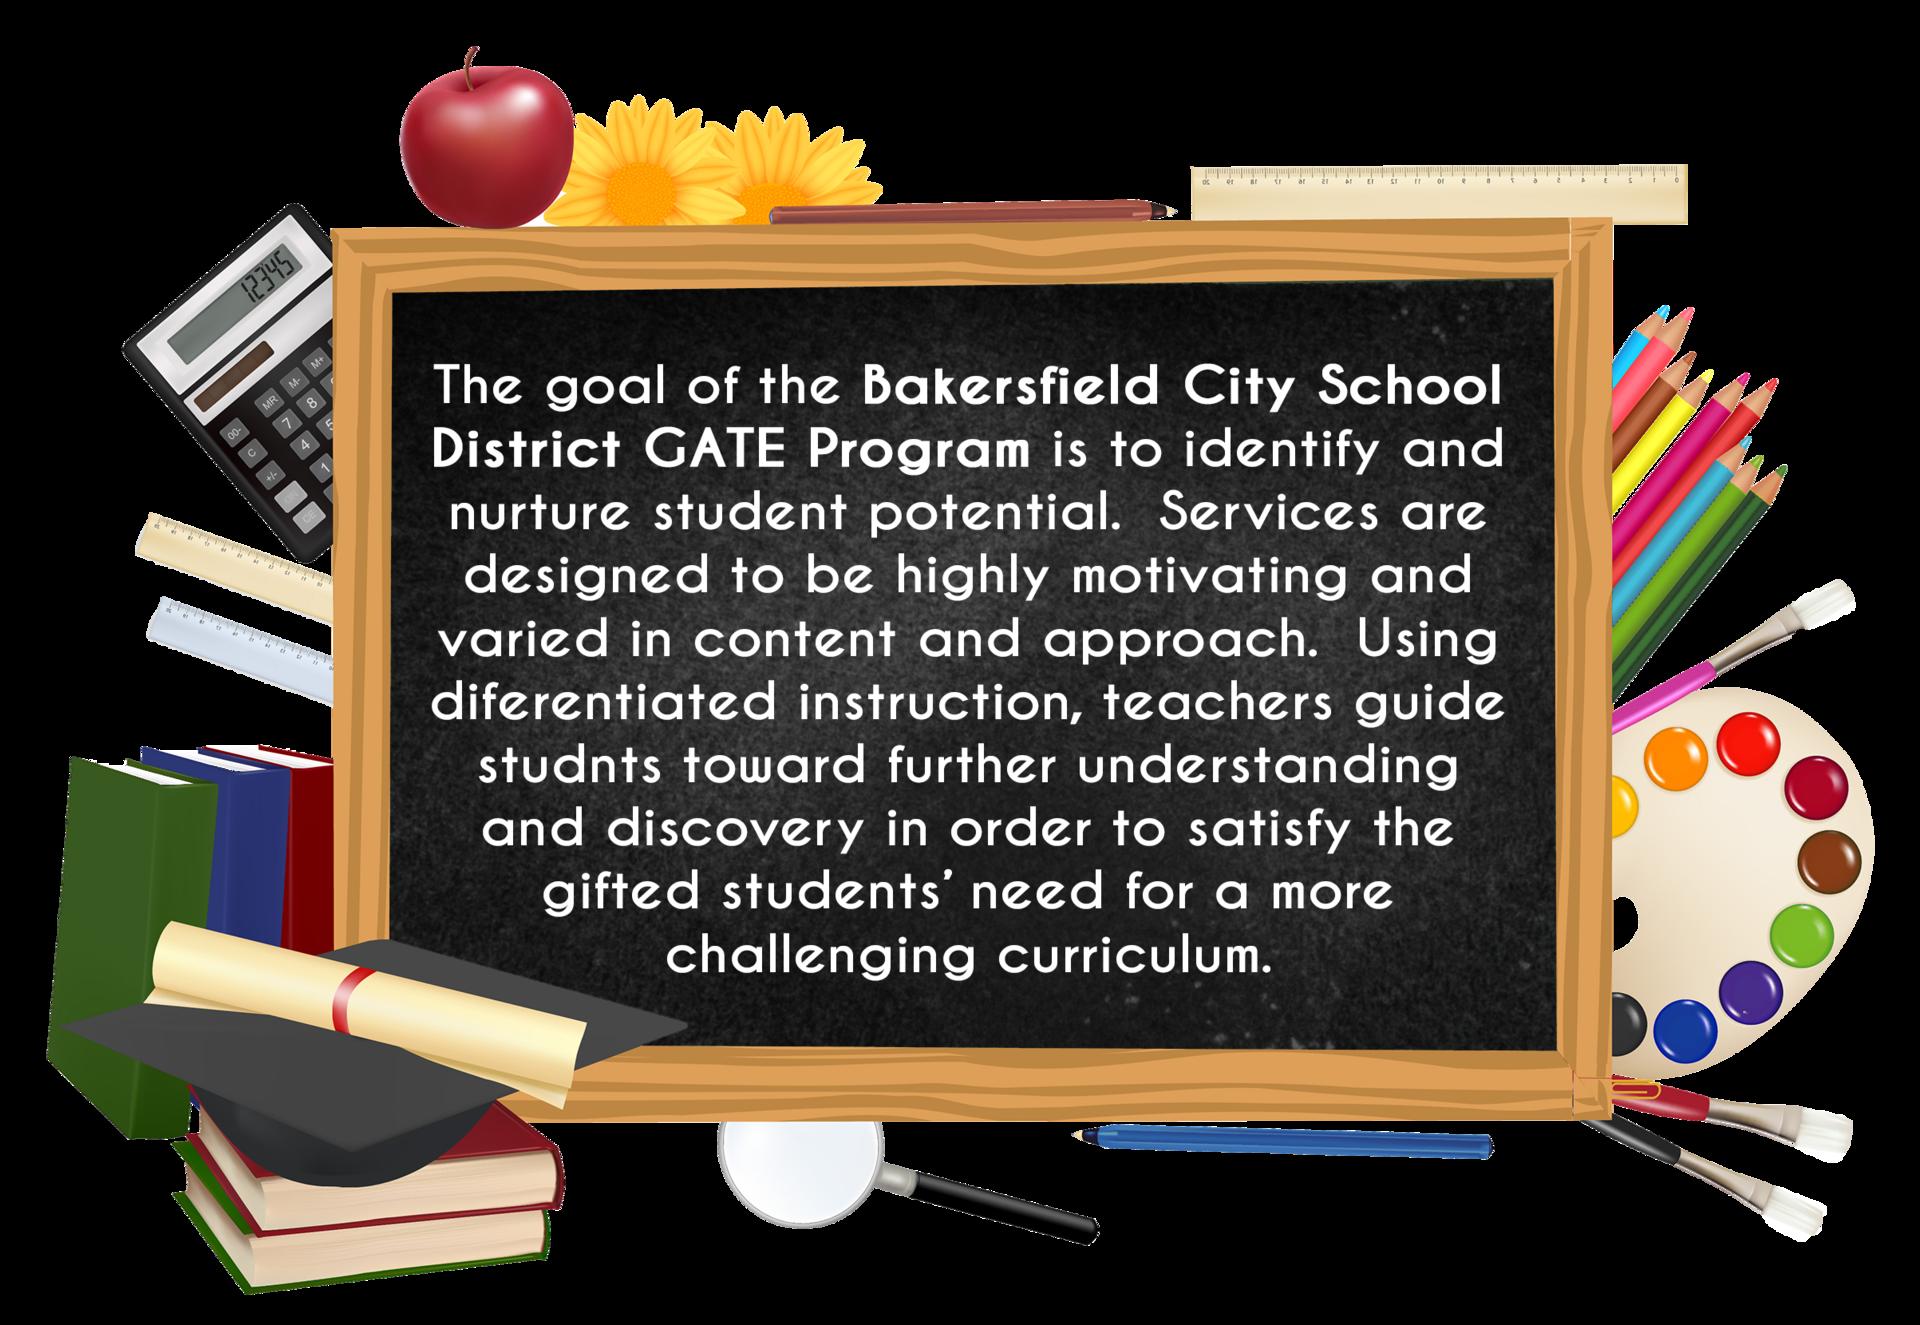 GATE Description